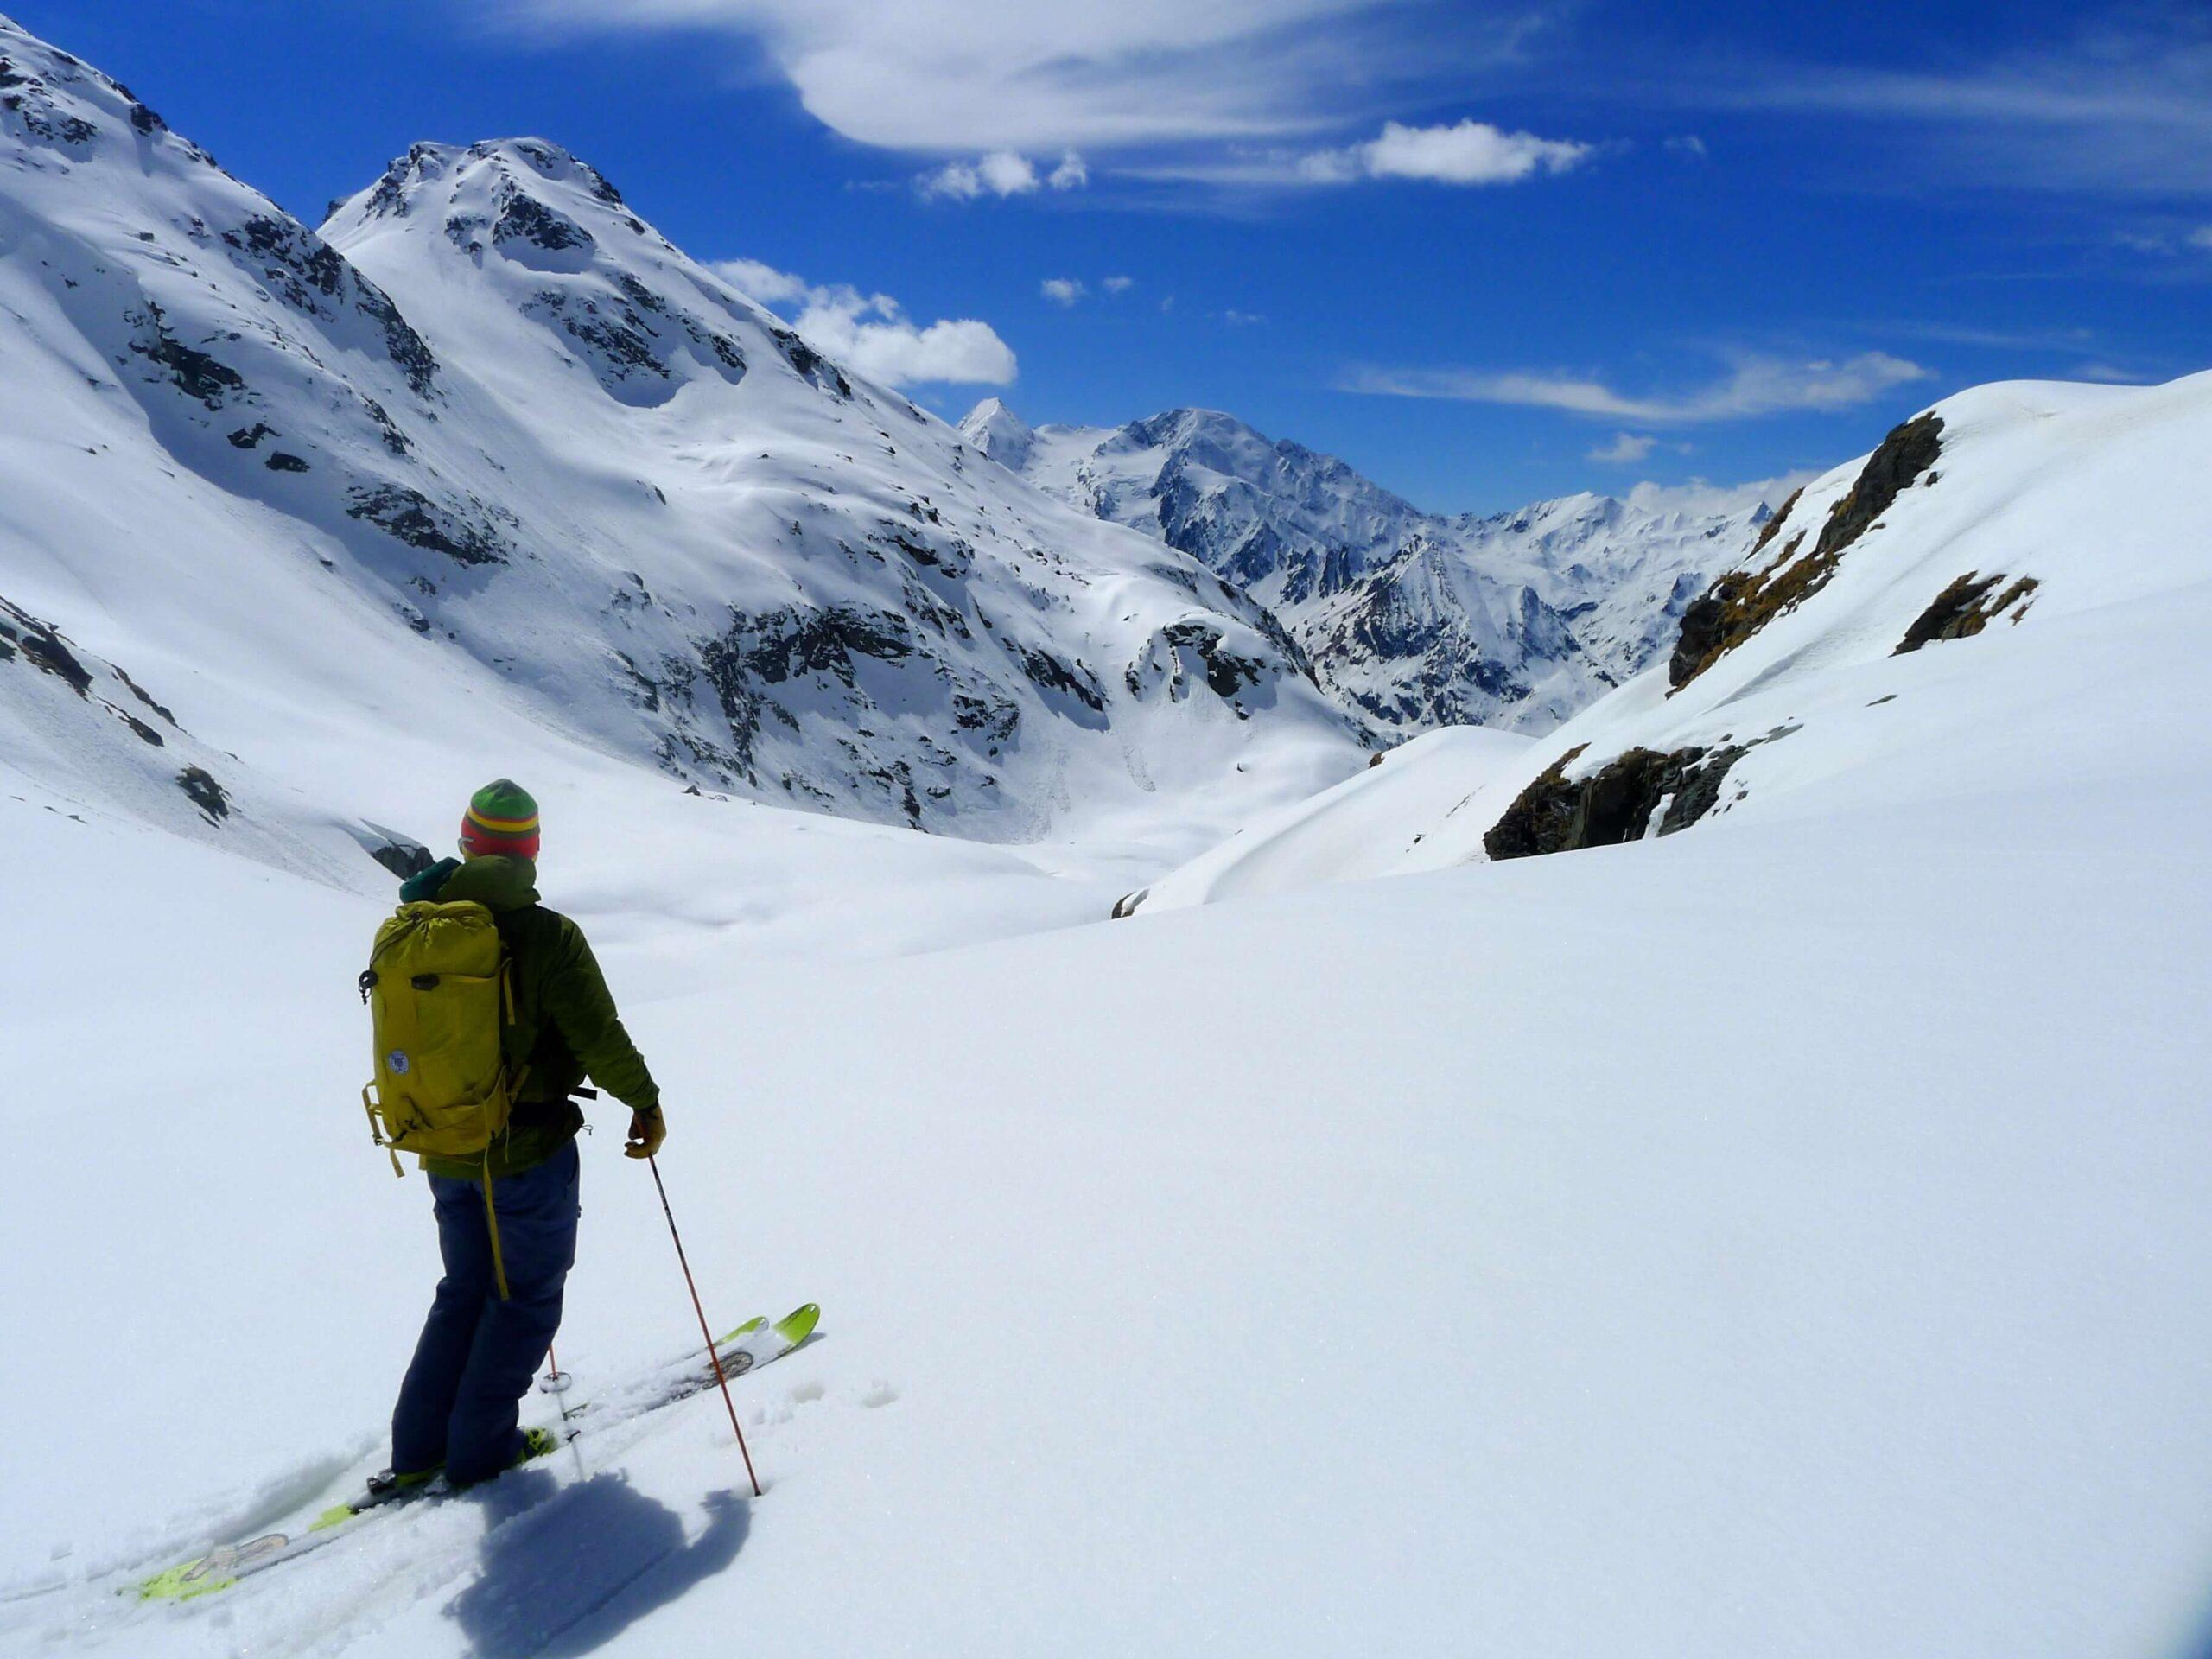 Skifahrer bereit für Monte-Rosa-Skitourenschleife